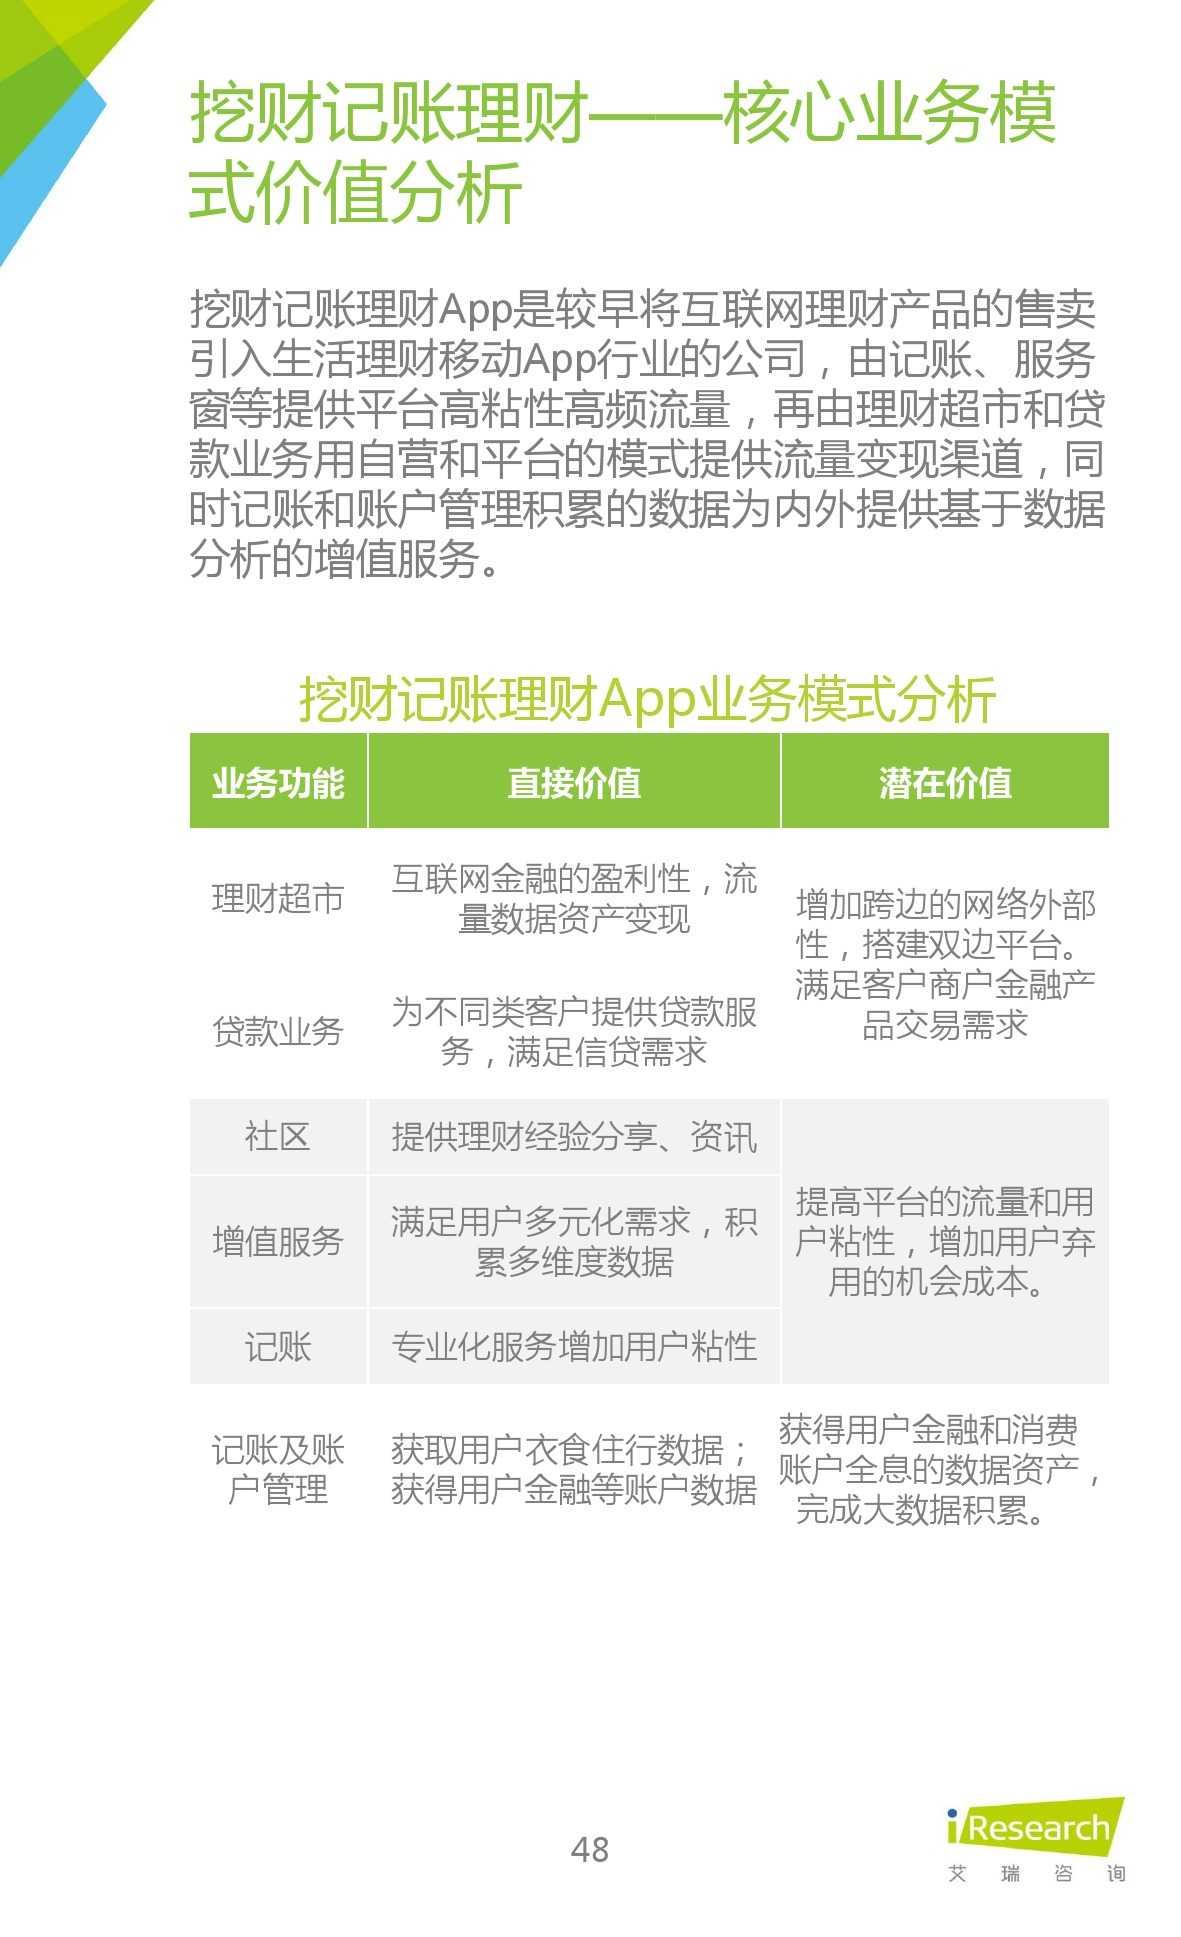 2015年中国生活理财移动App行业研究报告_000048